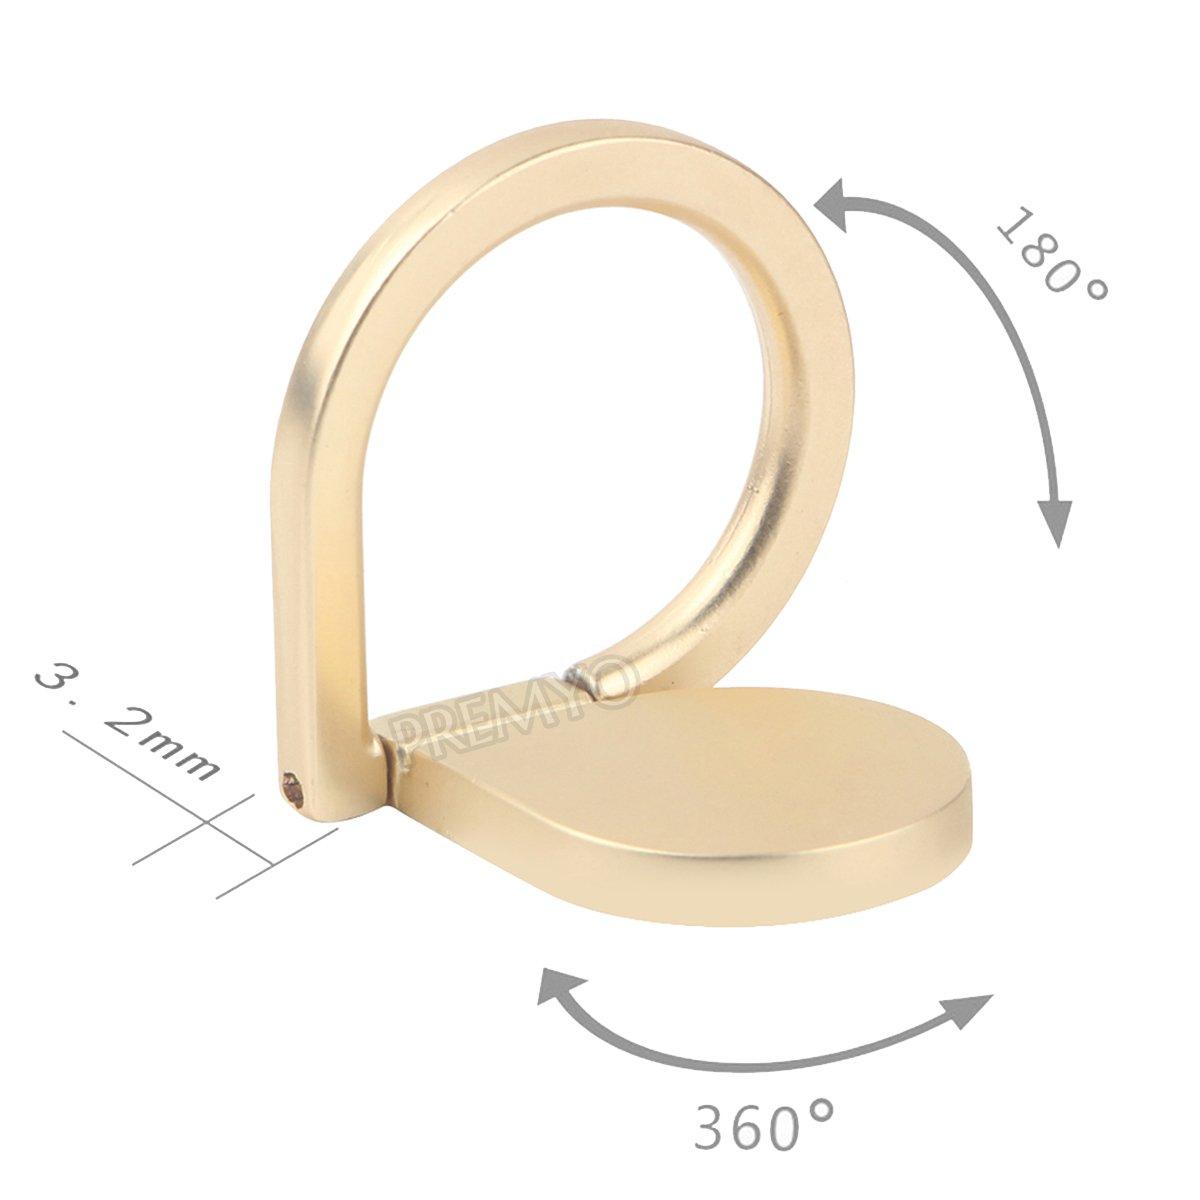 PREMYO Handy Fingerhalter mit 360° Drehfunktion in Gold Handy Ring für eine k Sonstige